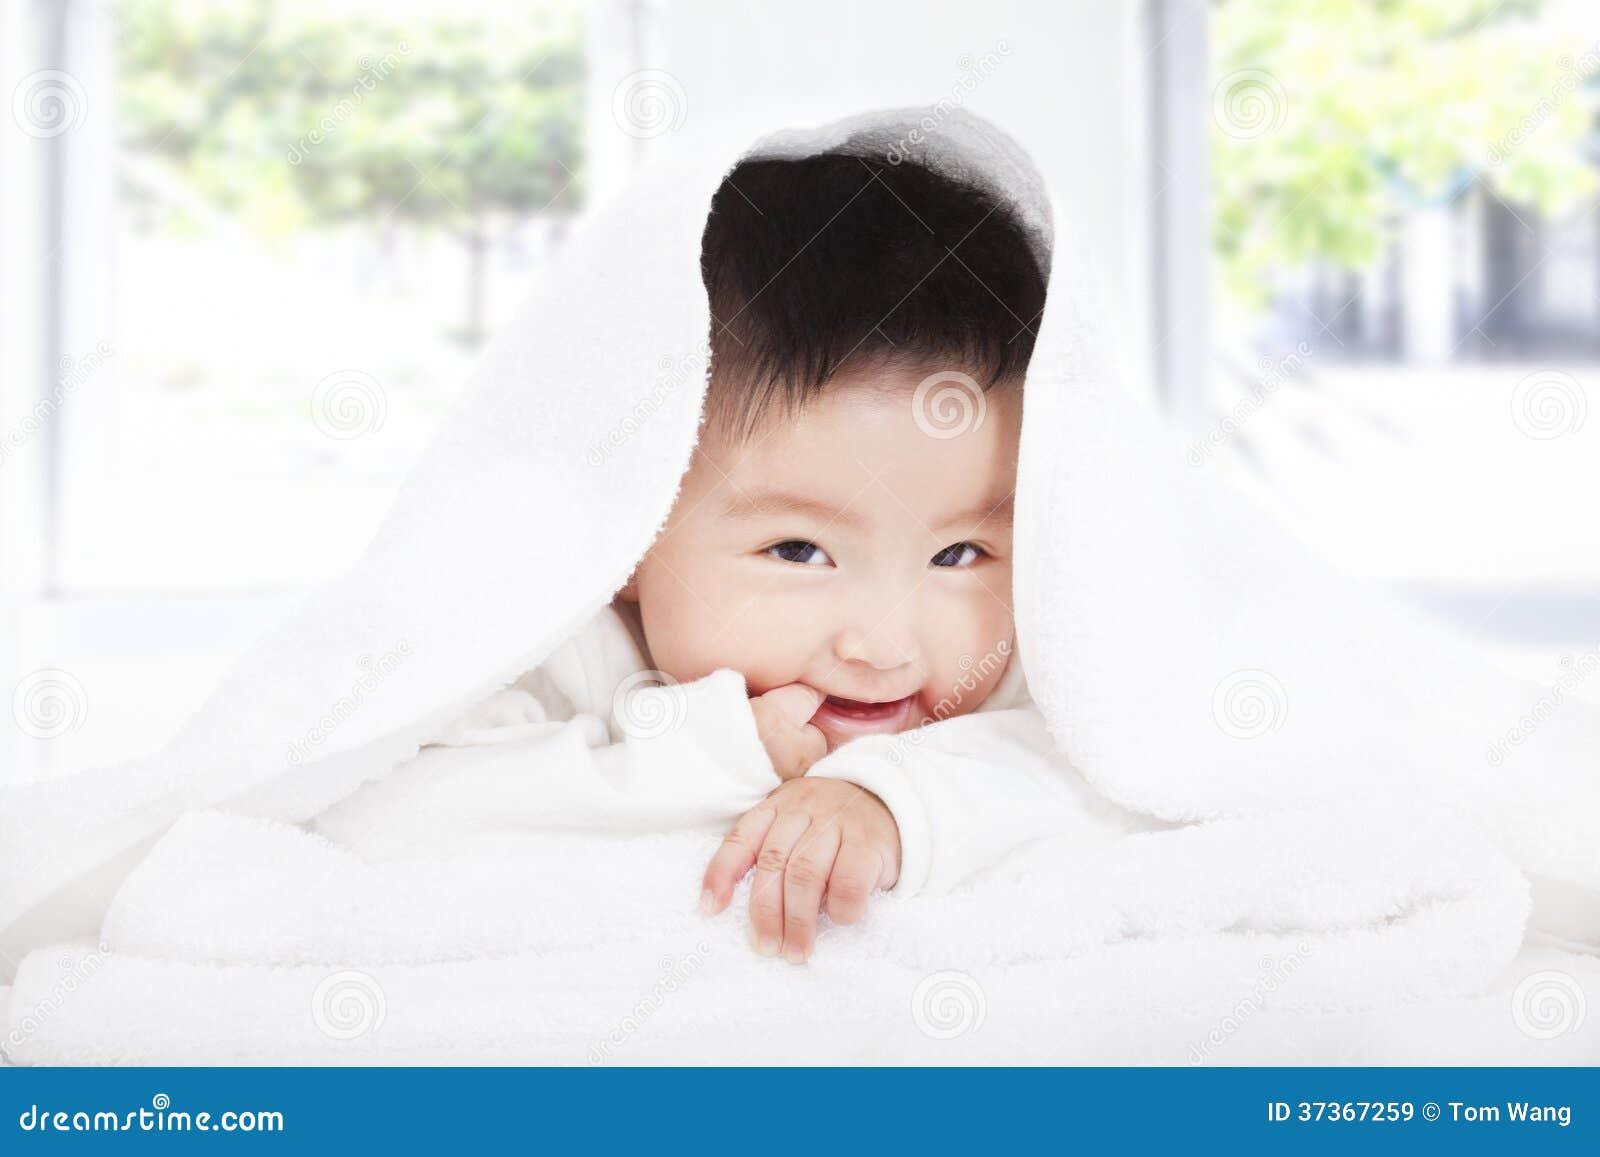 Bébé asiatique suçant le doigt sous la couverture ou la serviette